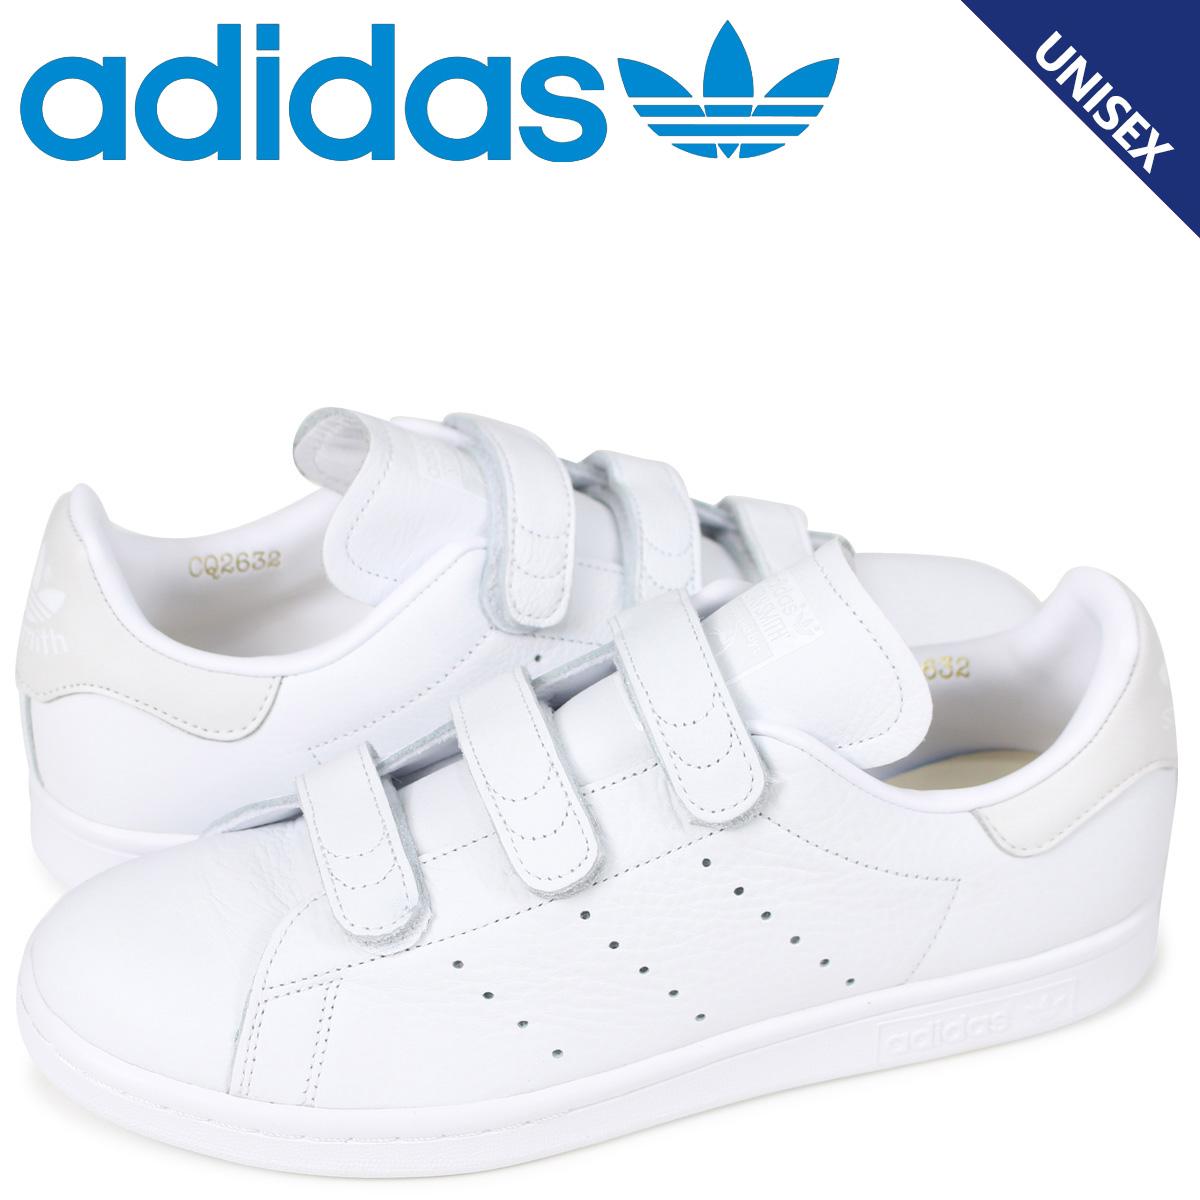 adidas Originals スタンスミス ベルクロ アディダス スニーカー STAN SMITH CF メンズ レディース CQ2632 ホワイト オリジナルス 【決算セール 返品不可】